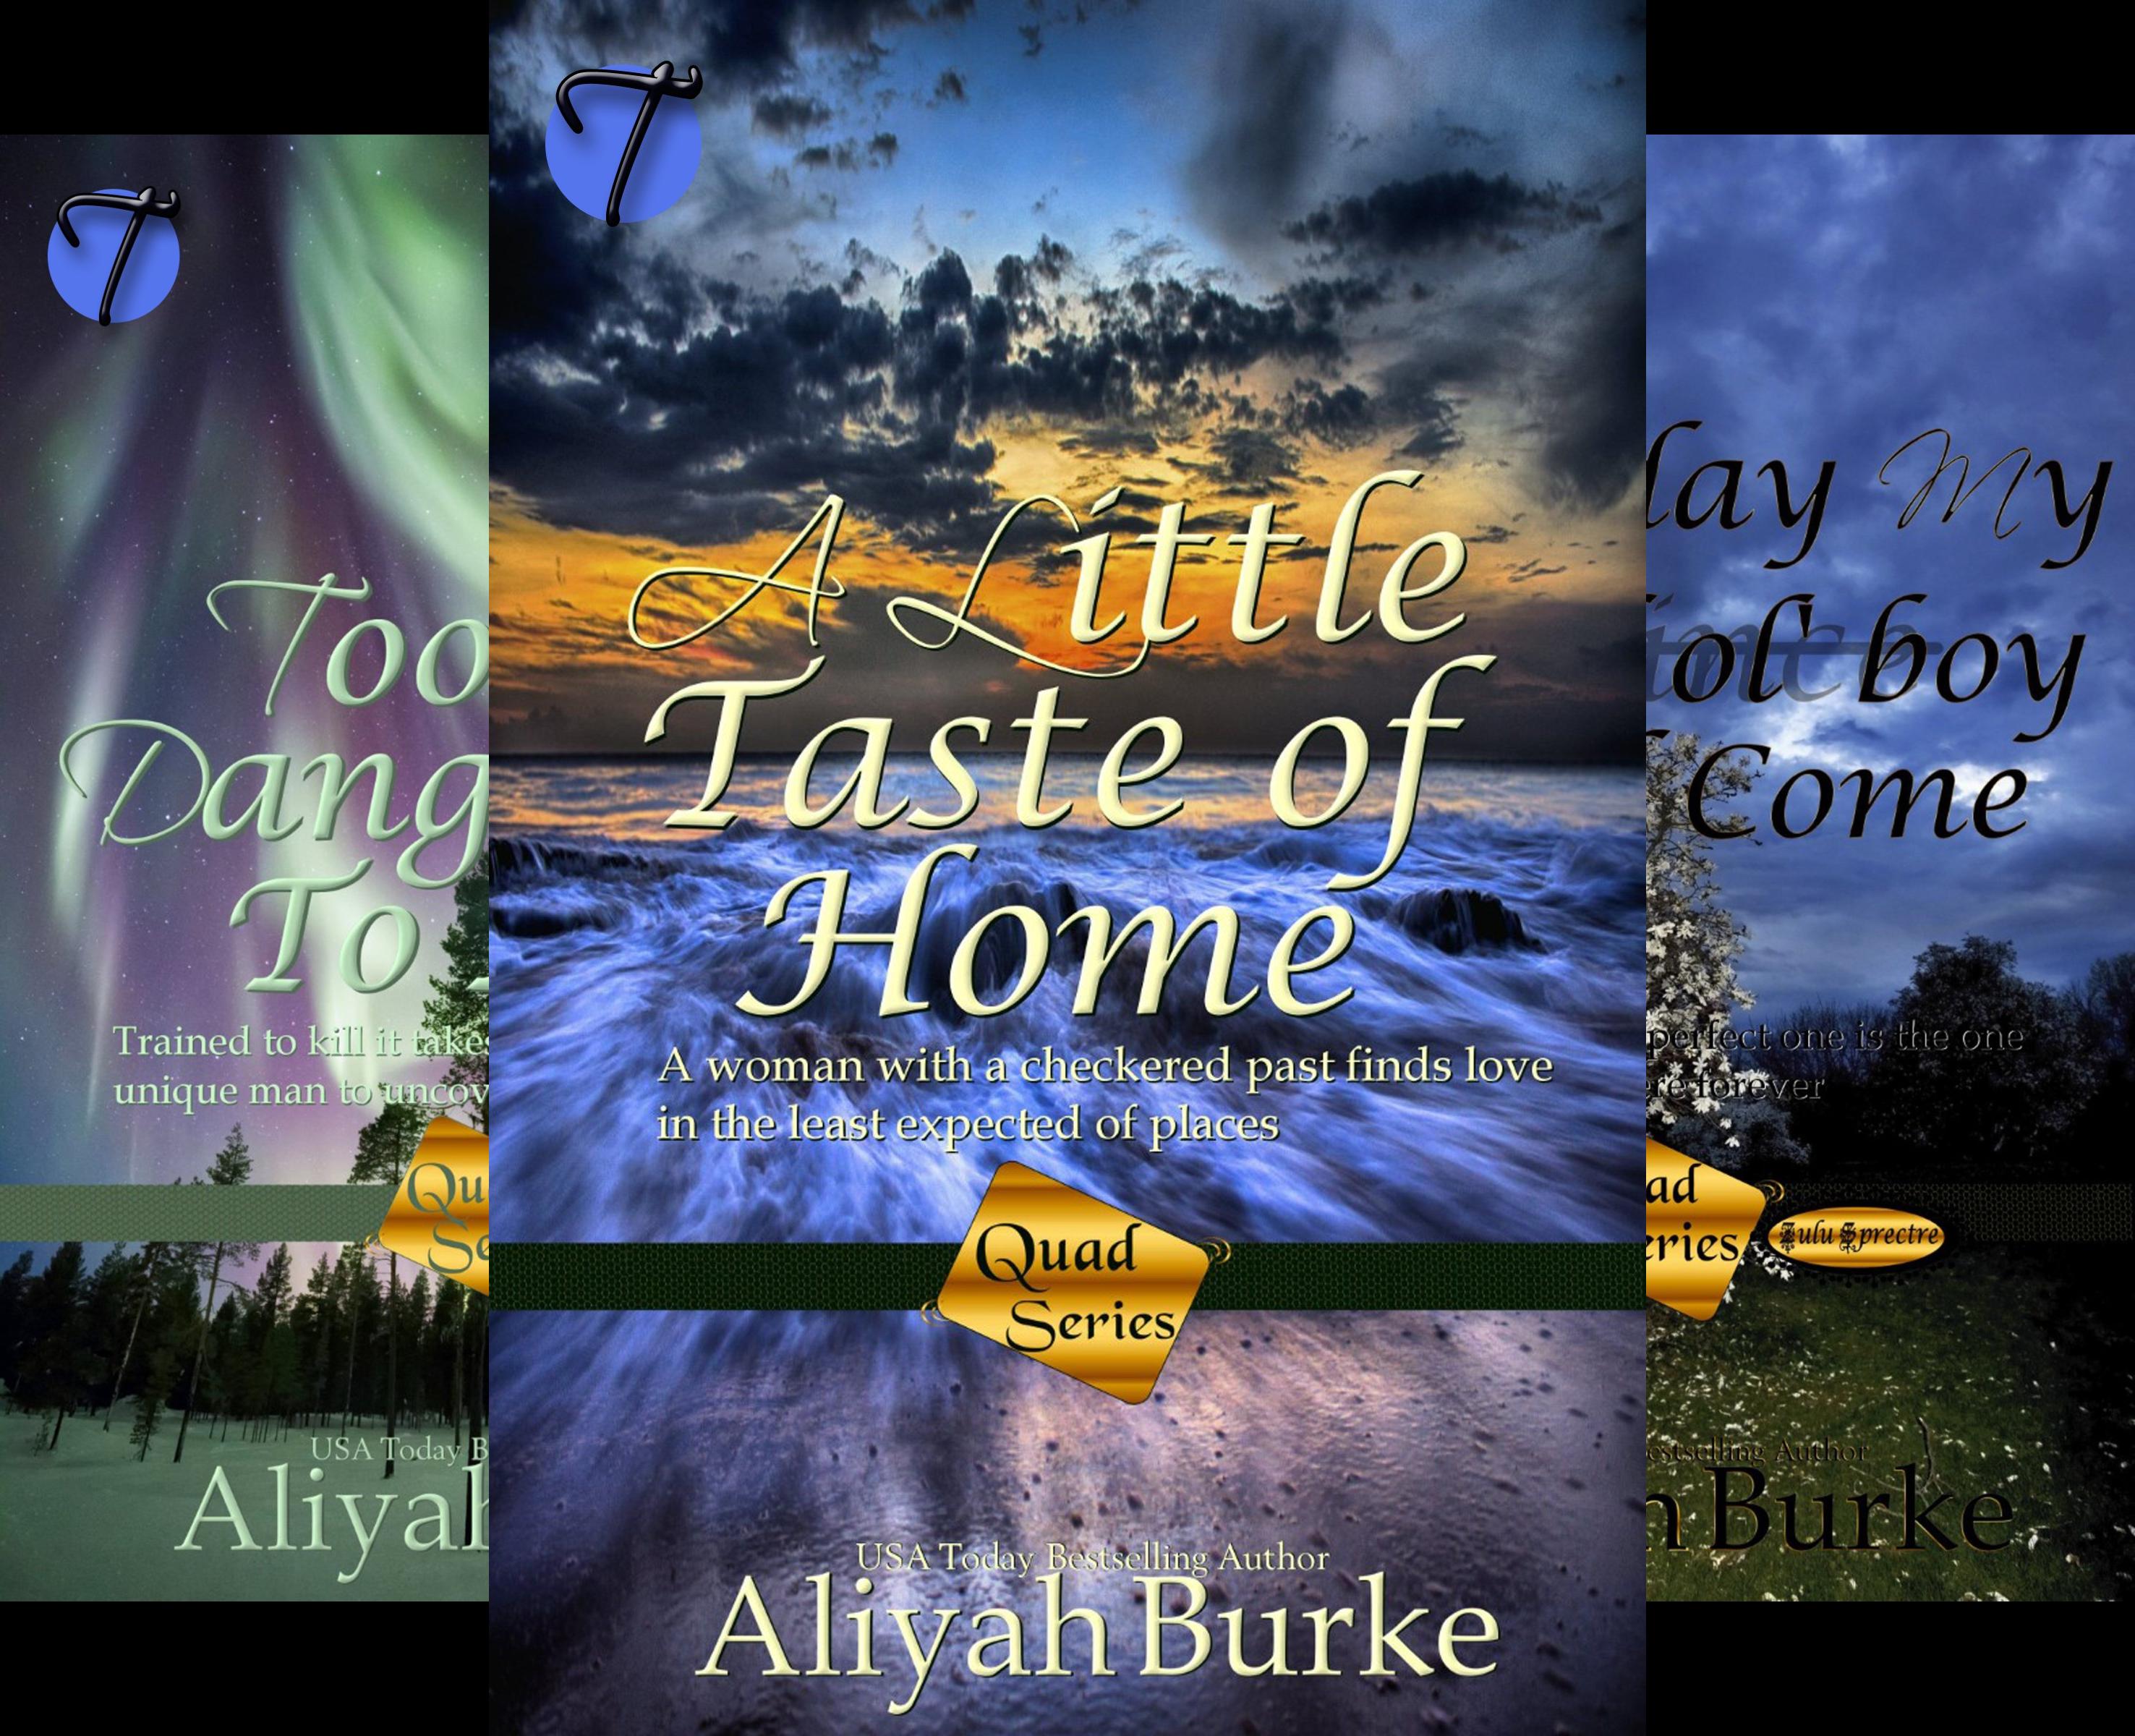 Quad Series (3 Book Series)